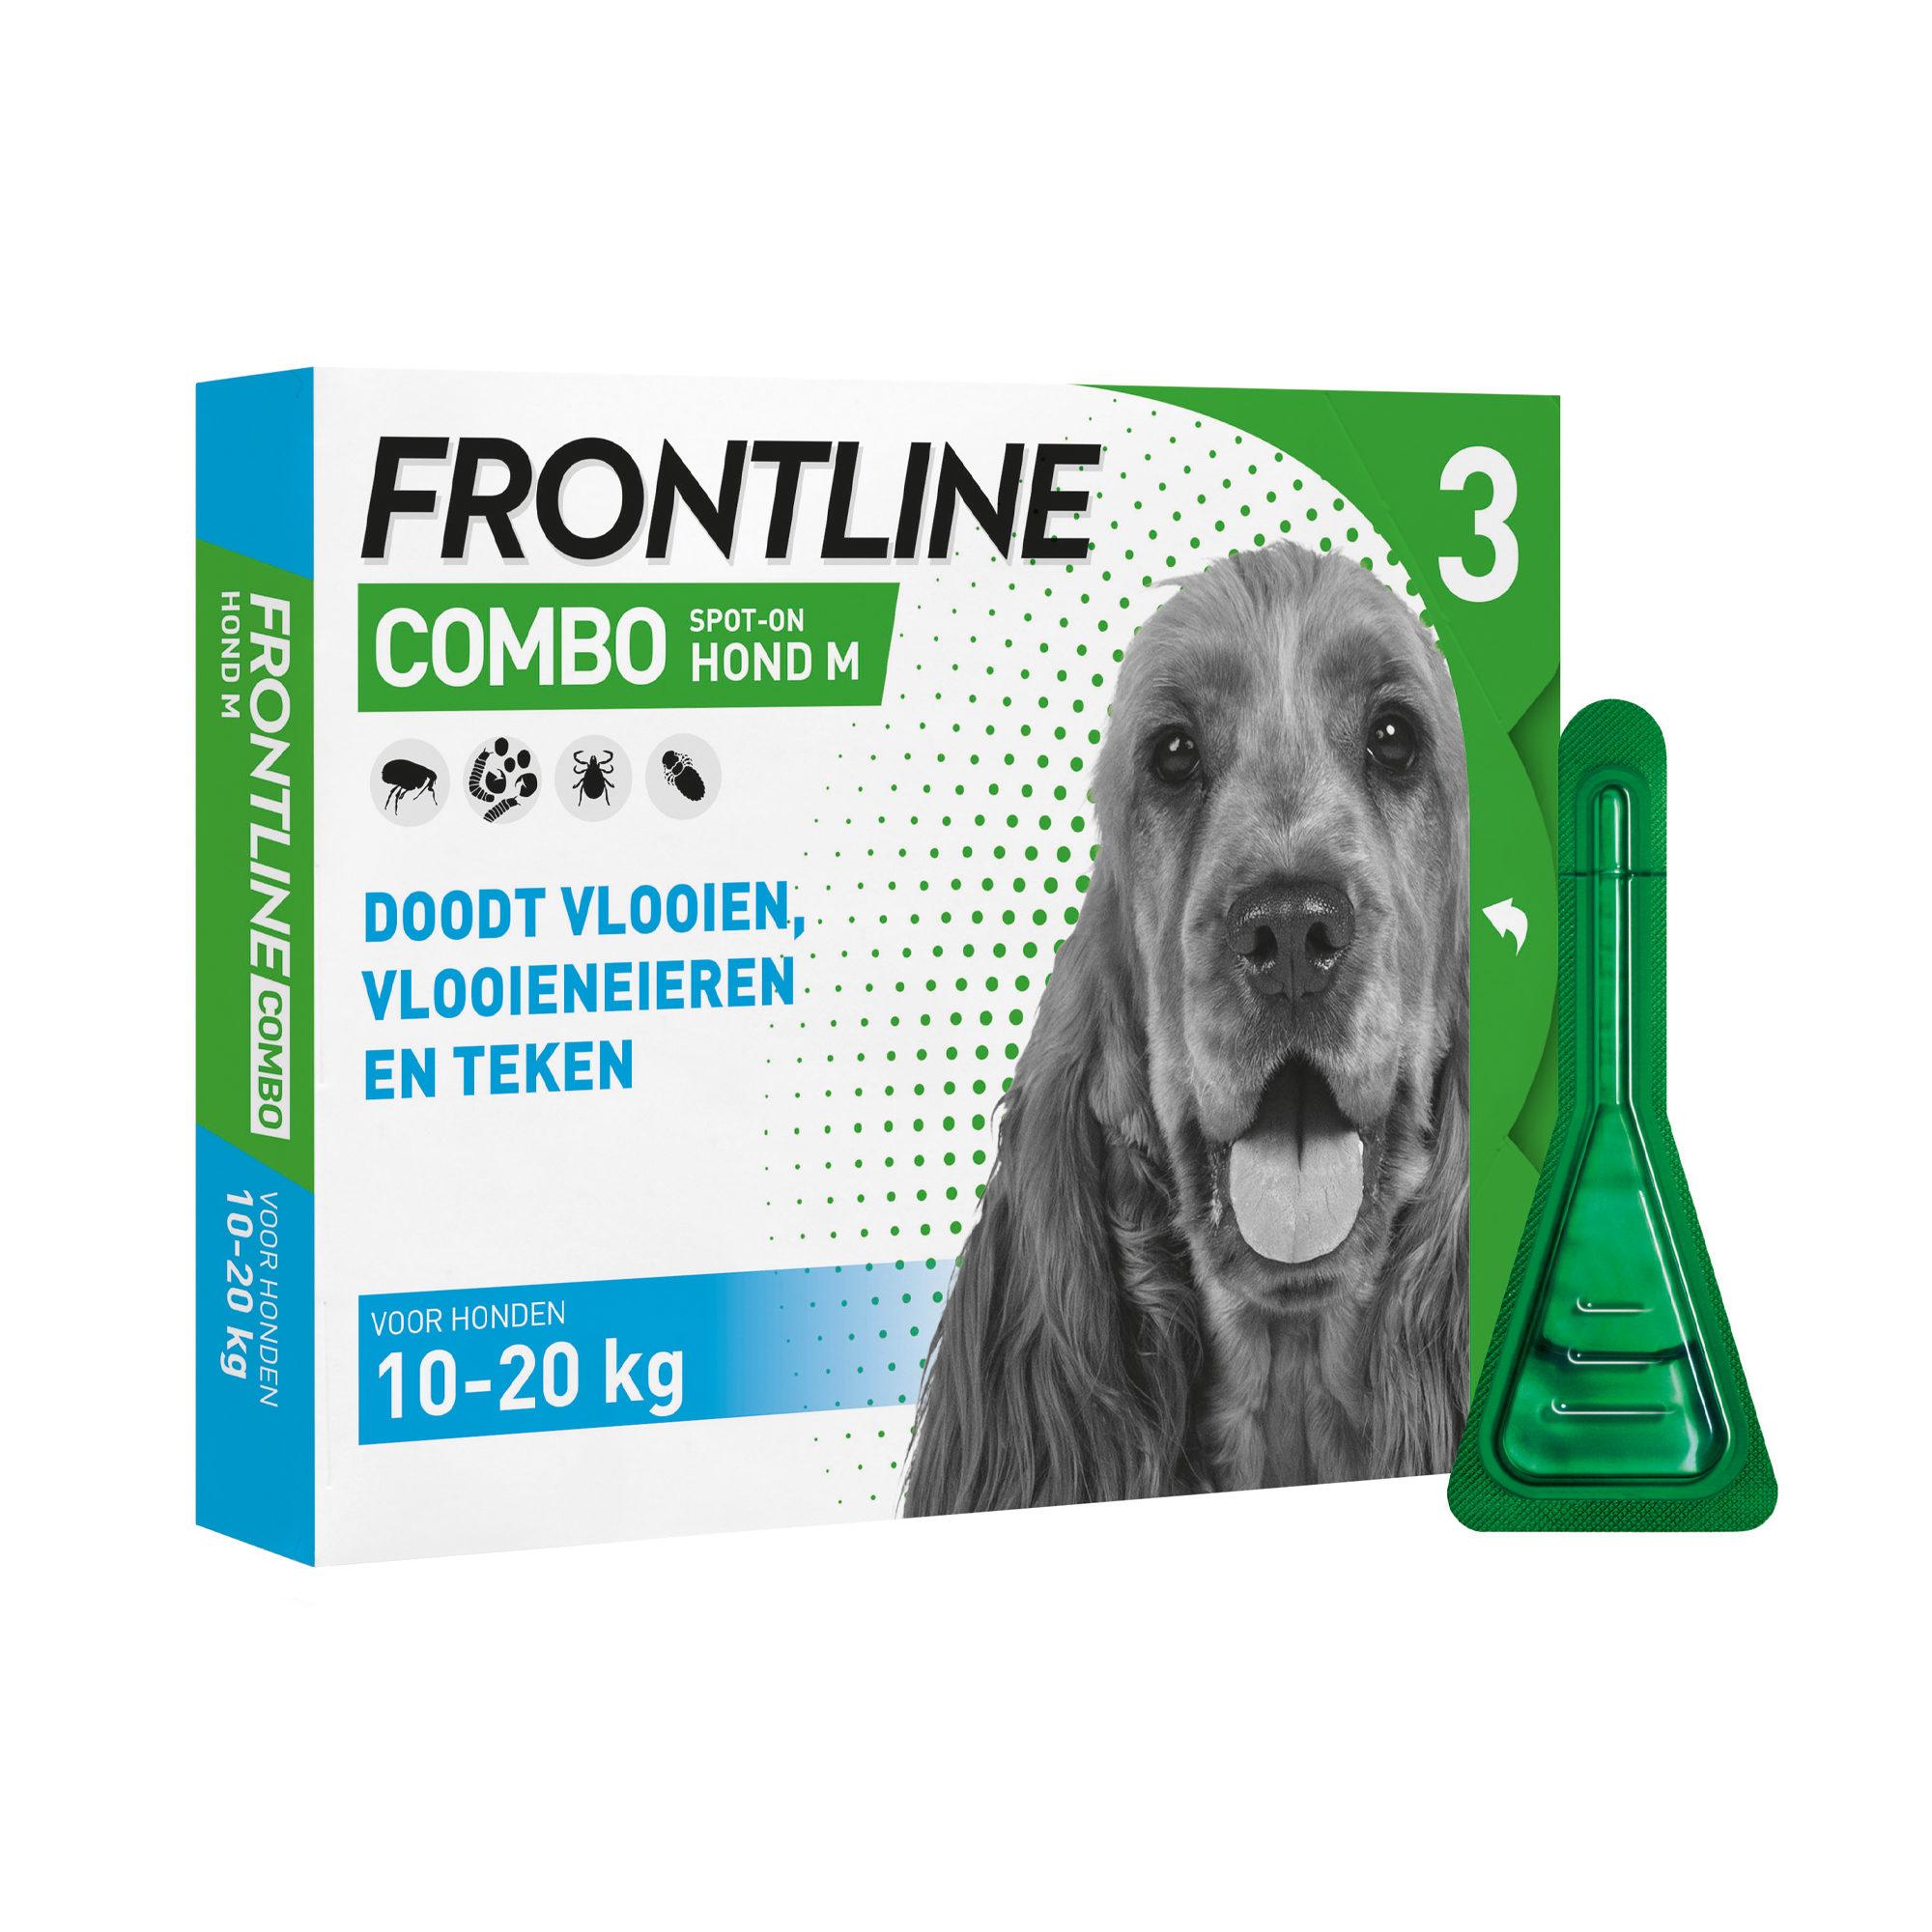 Frontline Combo Hund M - 10 - 20 kg